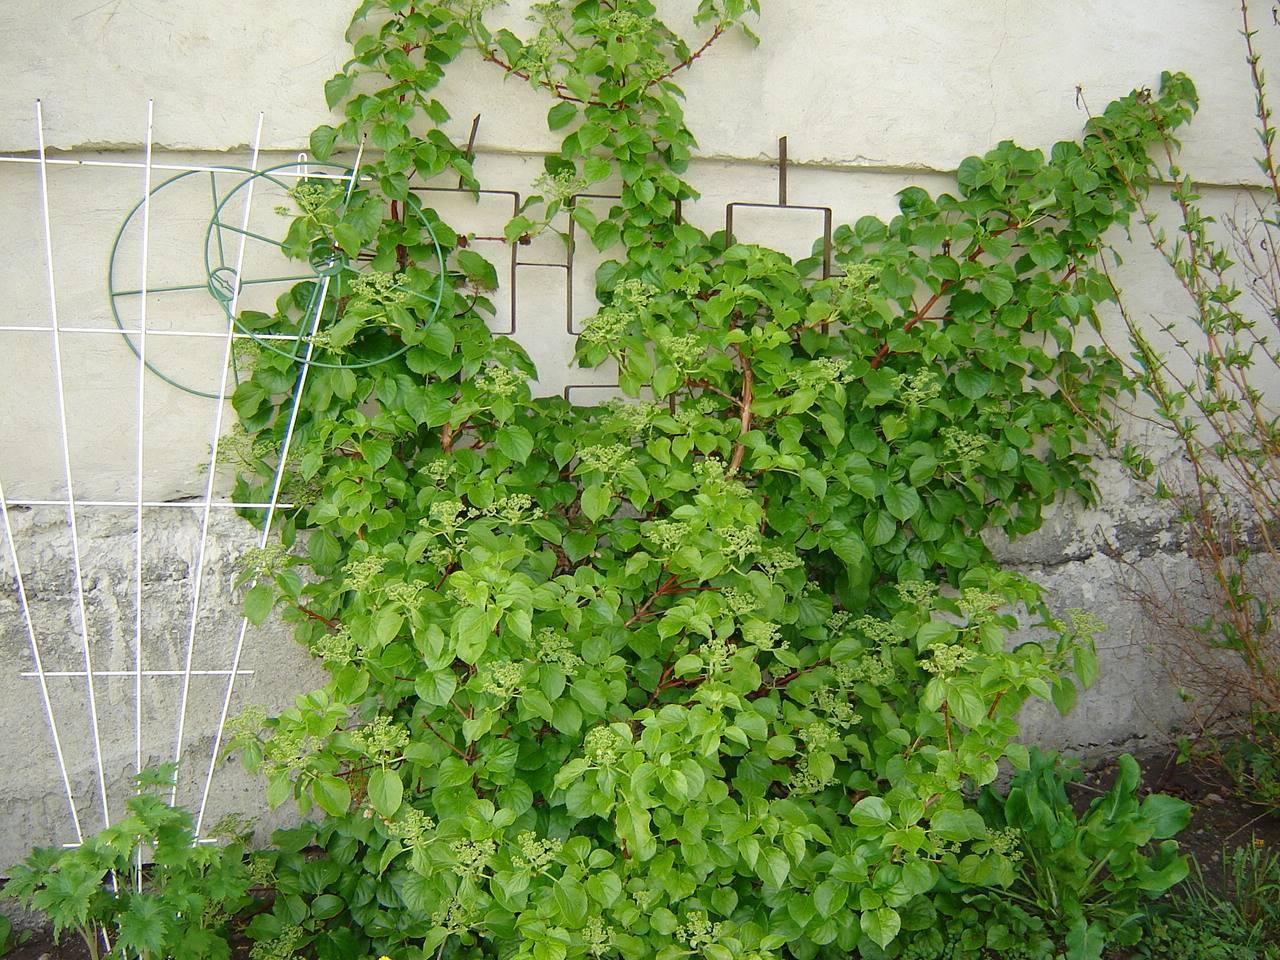 Гортензия черешковая или плетистая, вьющаяся лиана: посадка и уход в подмосковье